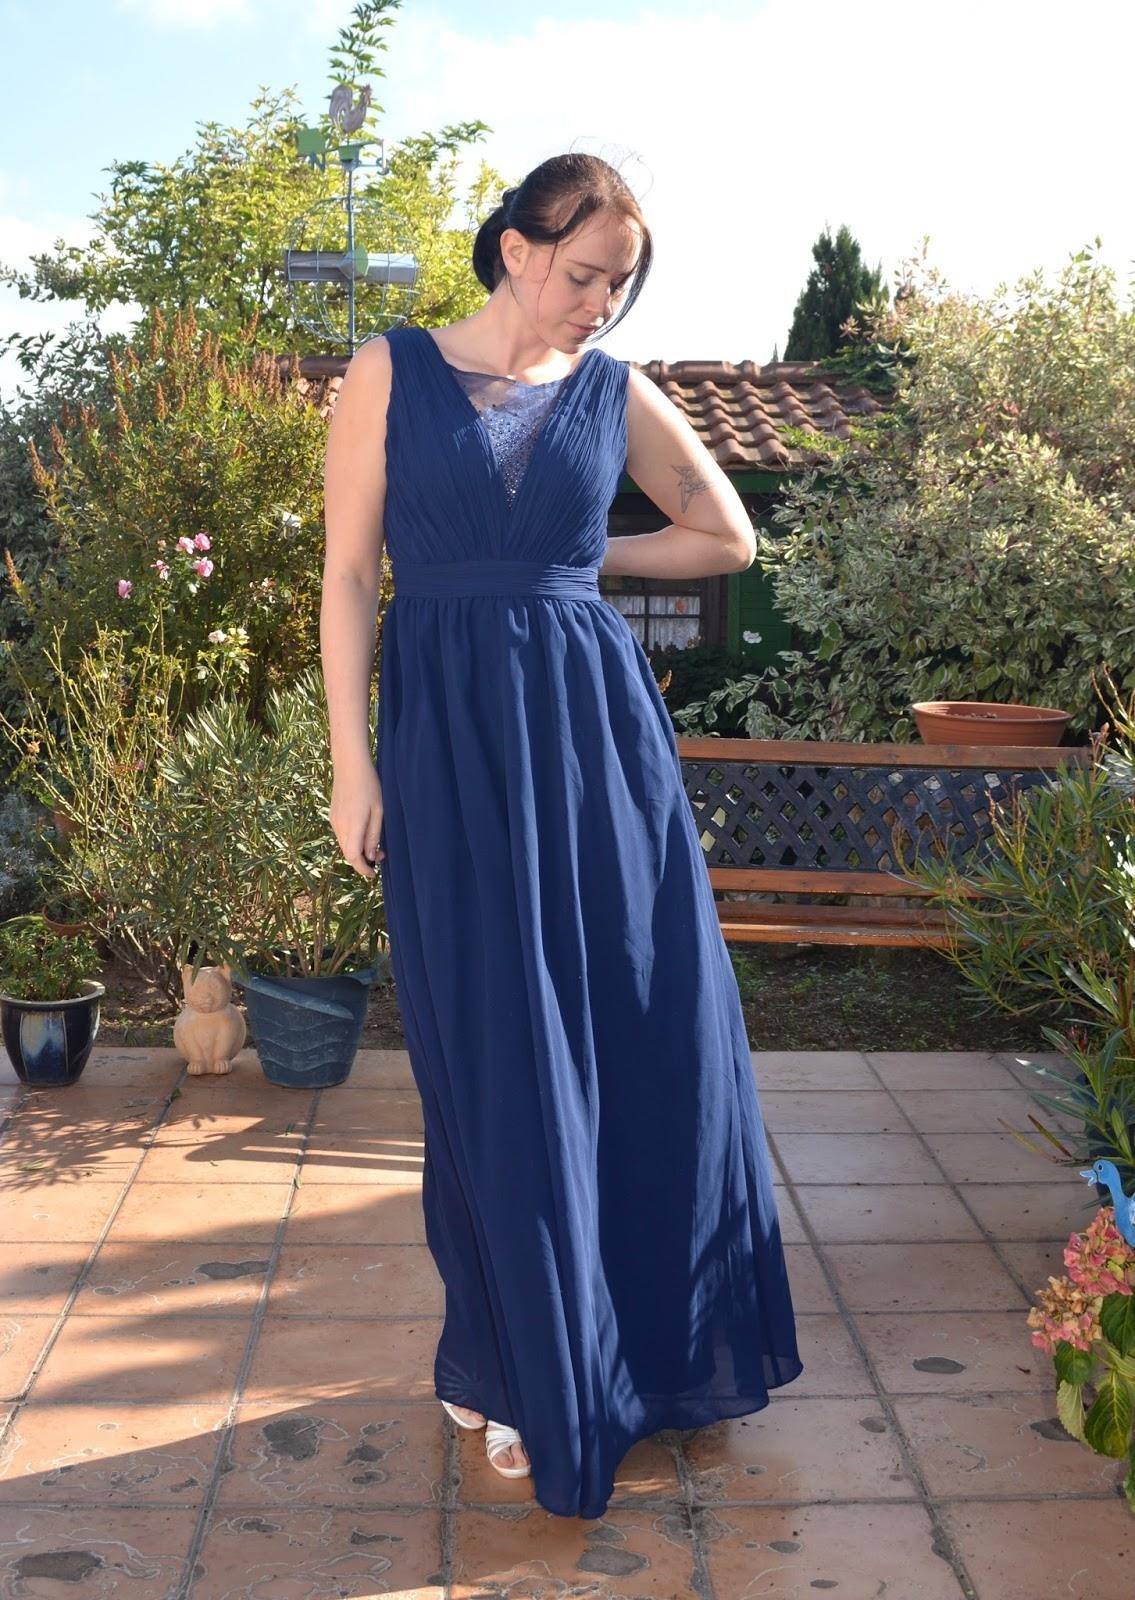 15 Leicht Blaues Kleid Hochzeit Stylish - Abendkleid